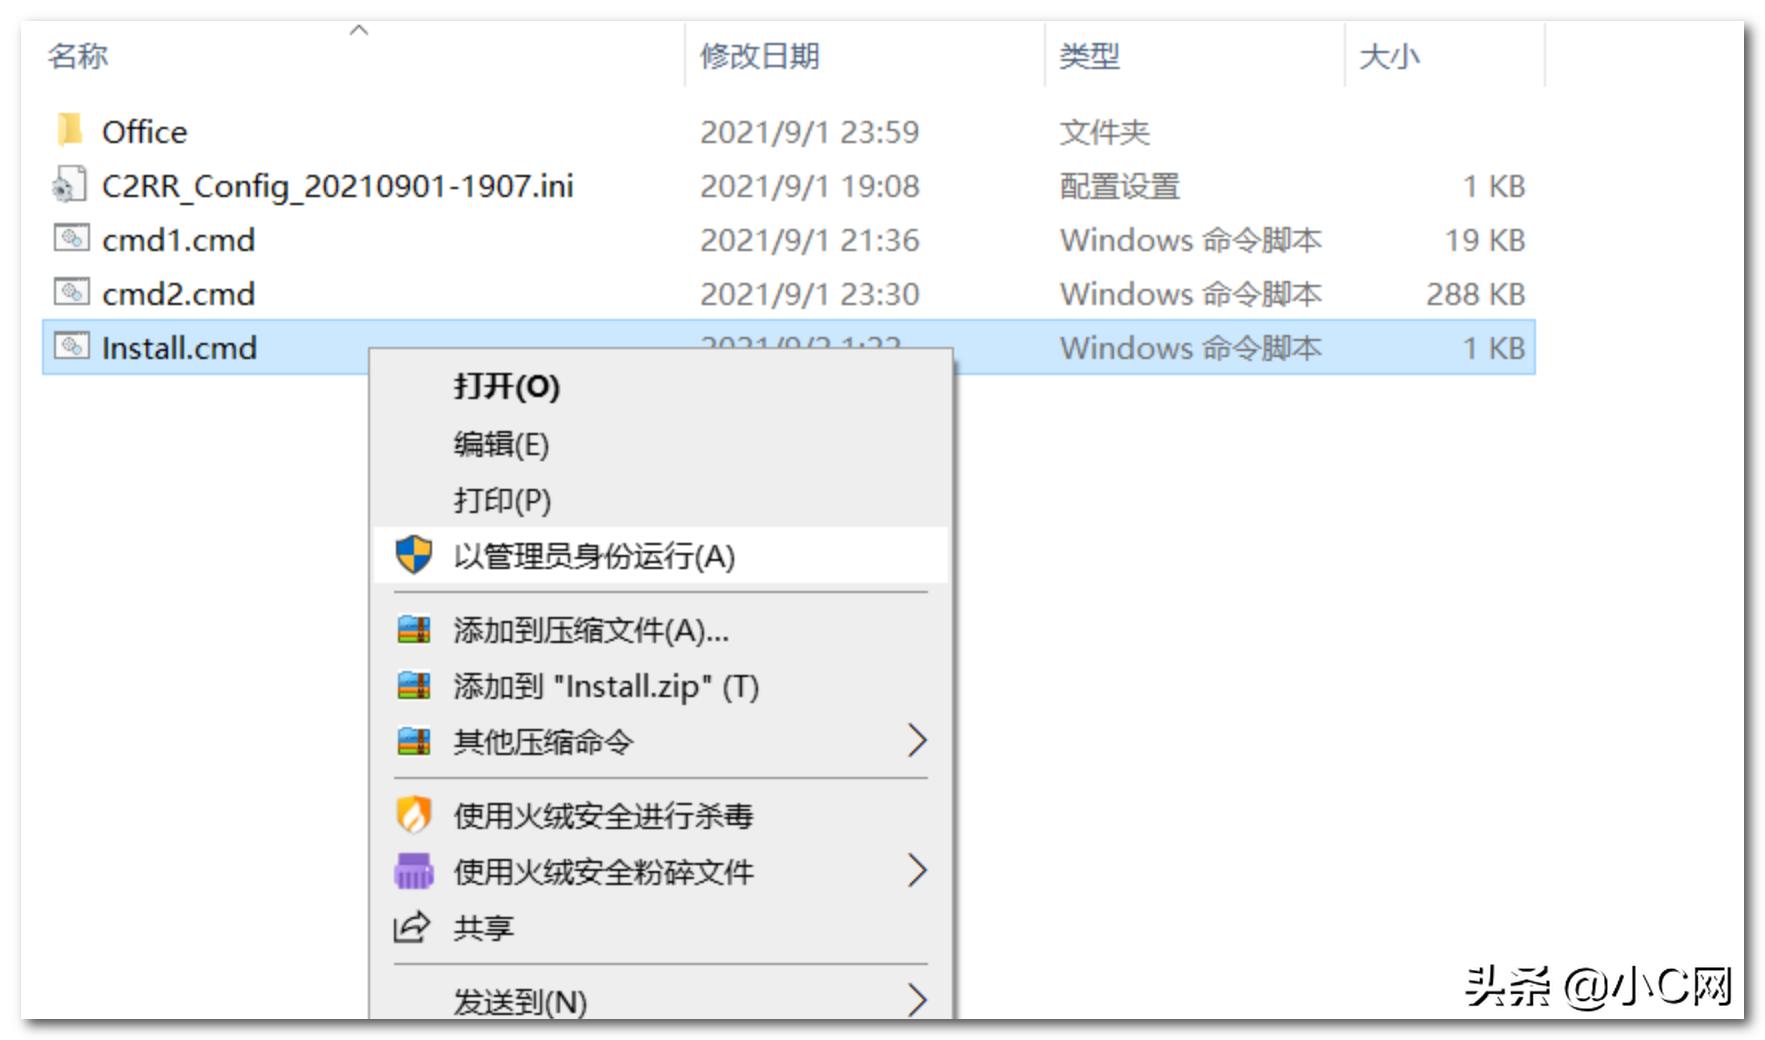 图片[5] - Microsoft office 2021专业版解锁 - 小 C 网